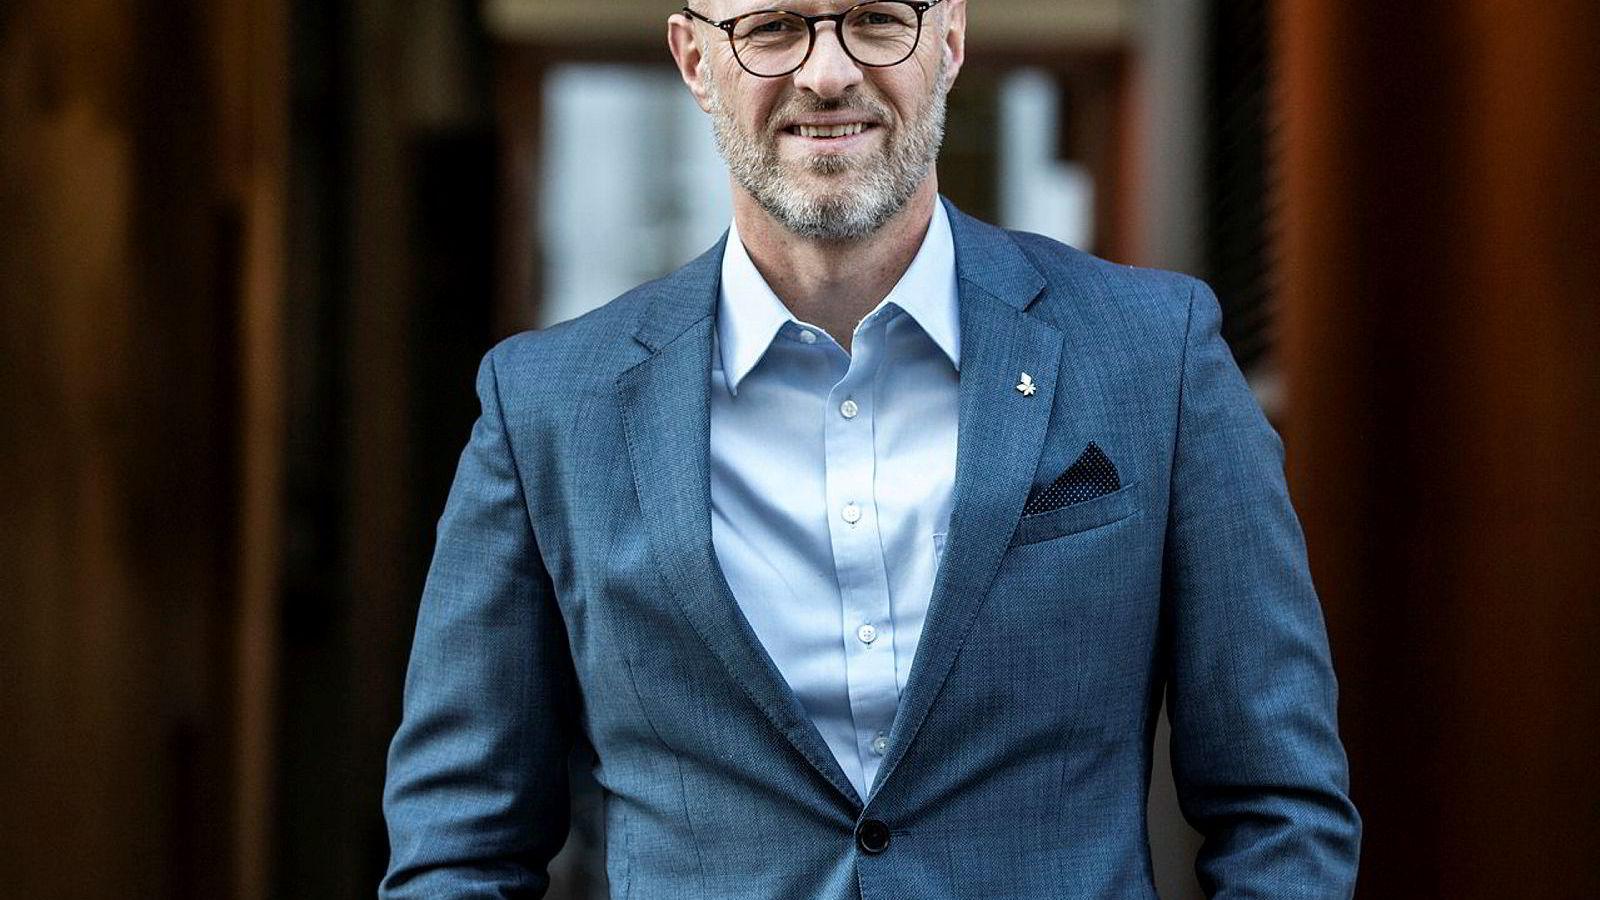 Torgrim Reitan leder den internasjonale virksomheten til Equinor. Han har tidligere vært både finansdirektør og sjef for aktiviteten i USA.